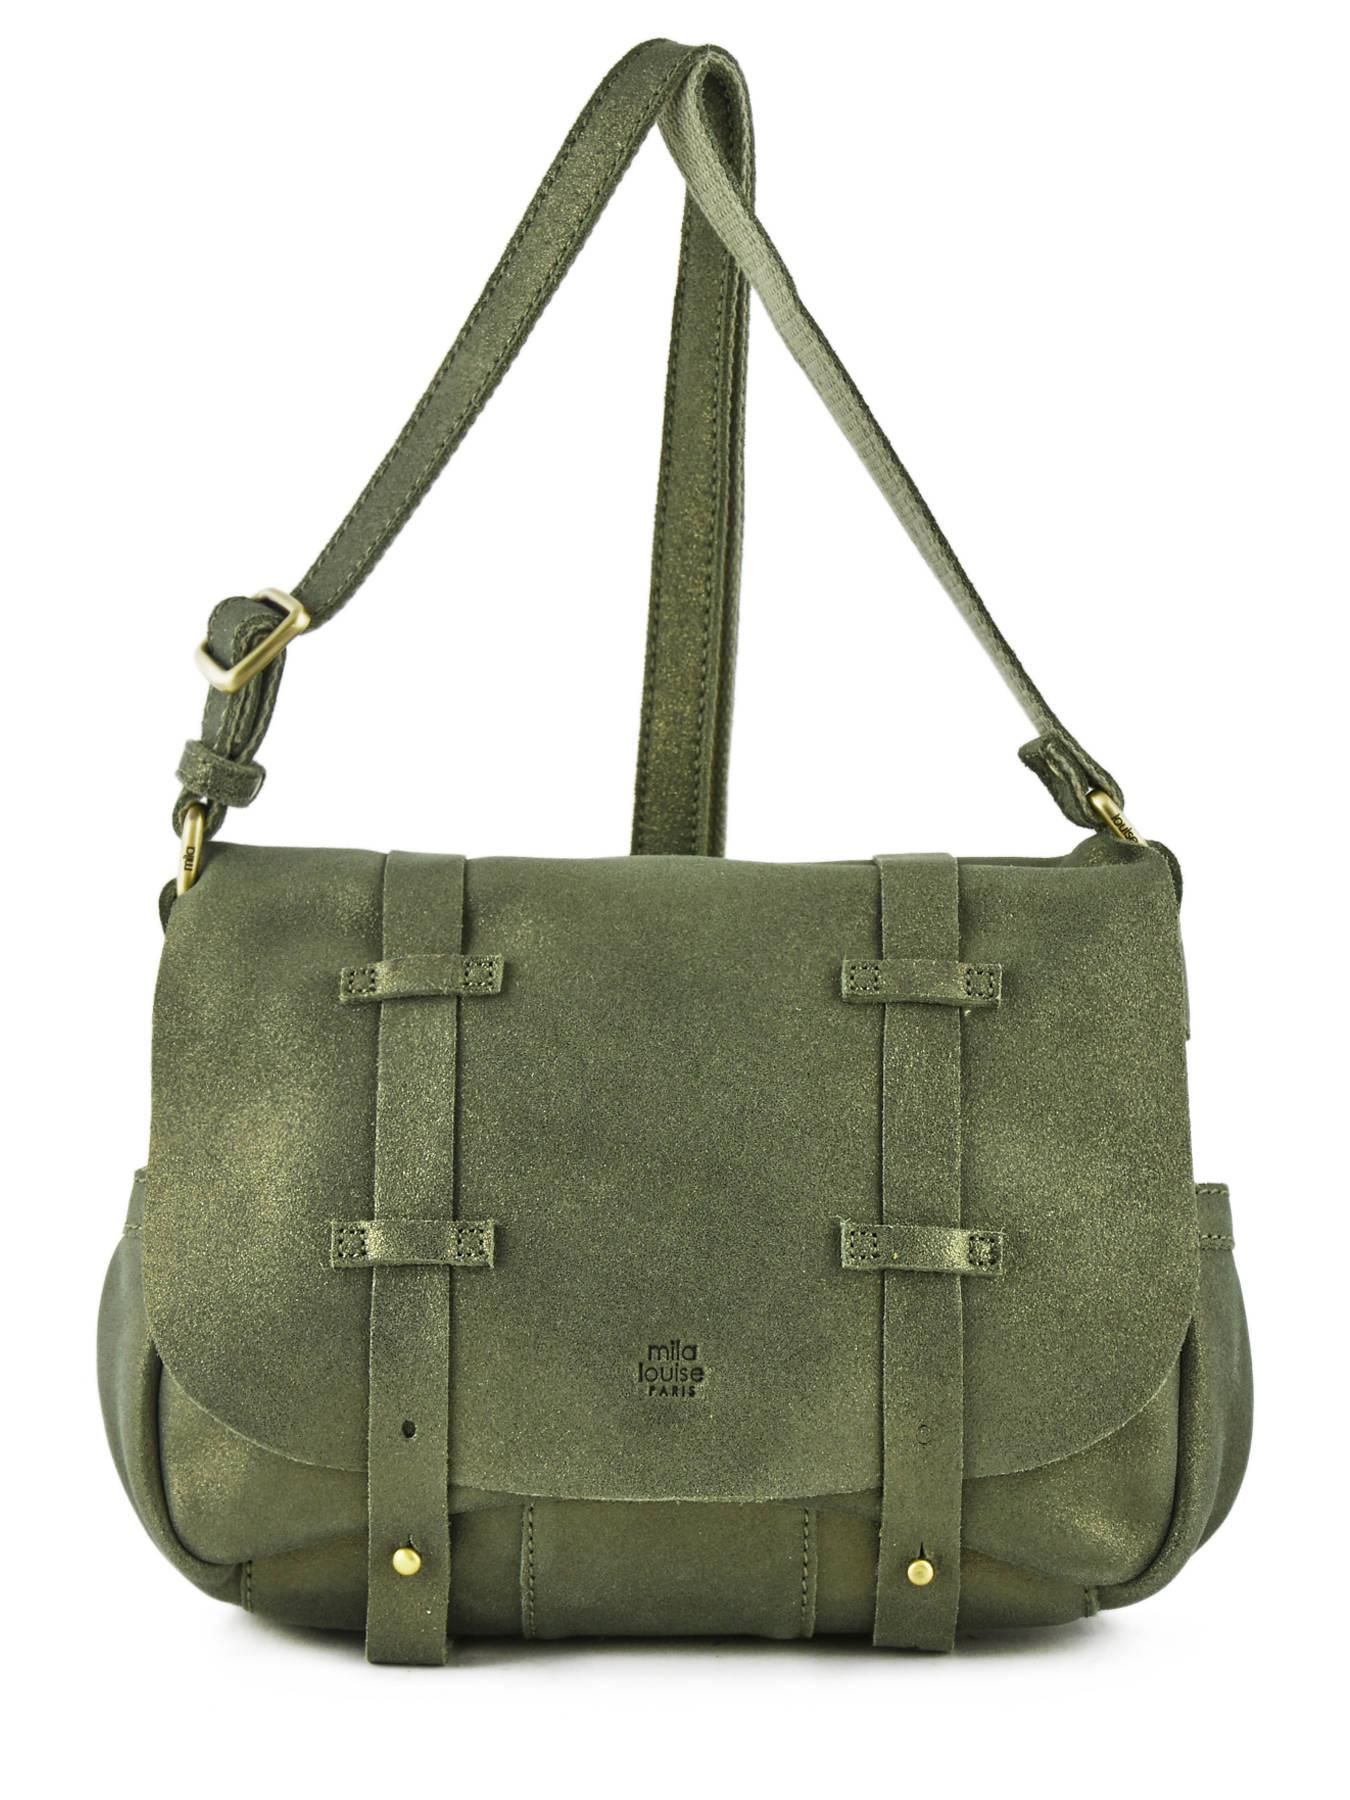 1cd426ff60aab ... Shoulder Bag Vintage Leather Mila louise Green vintage 3017S ...